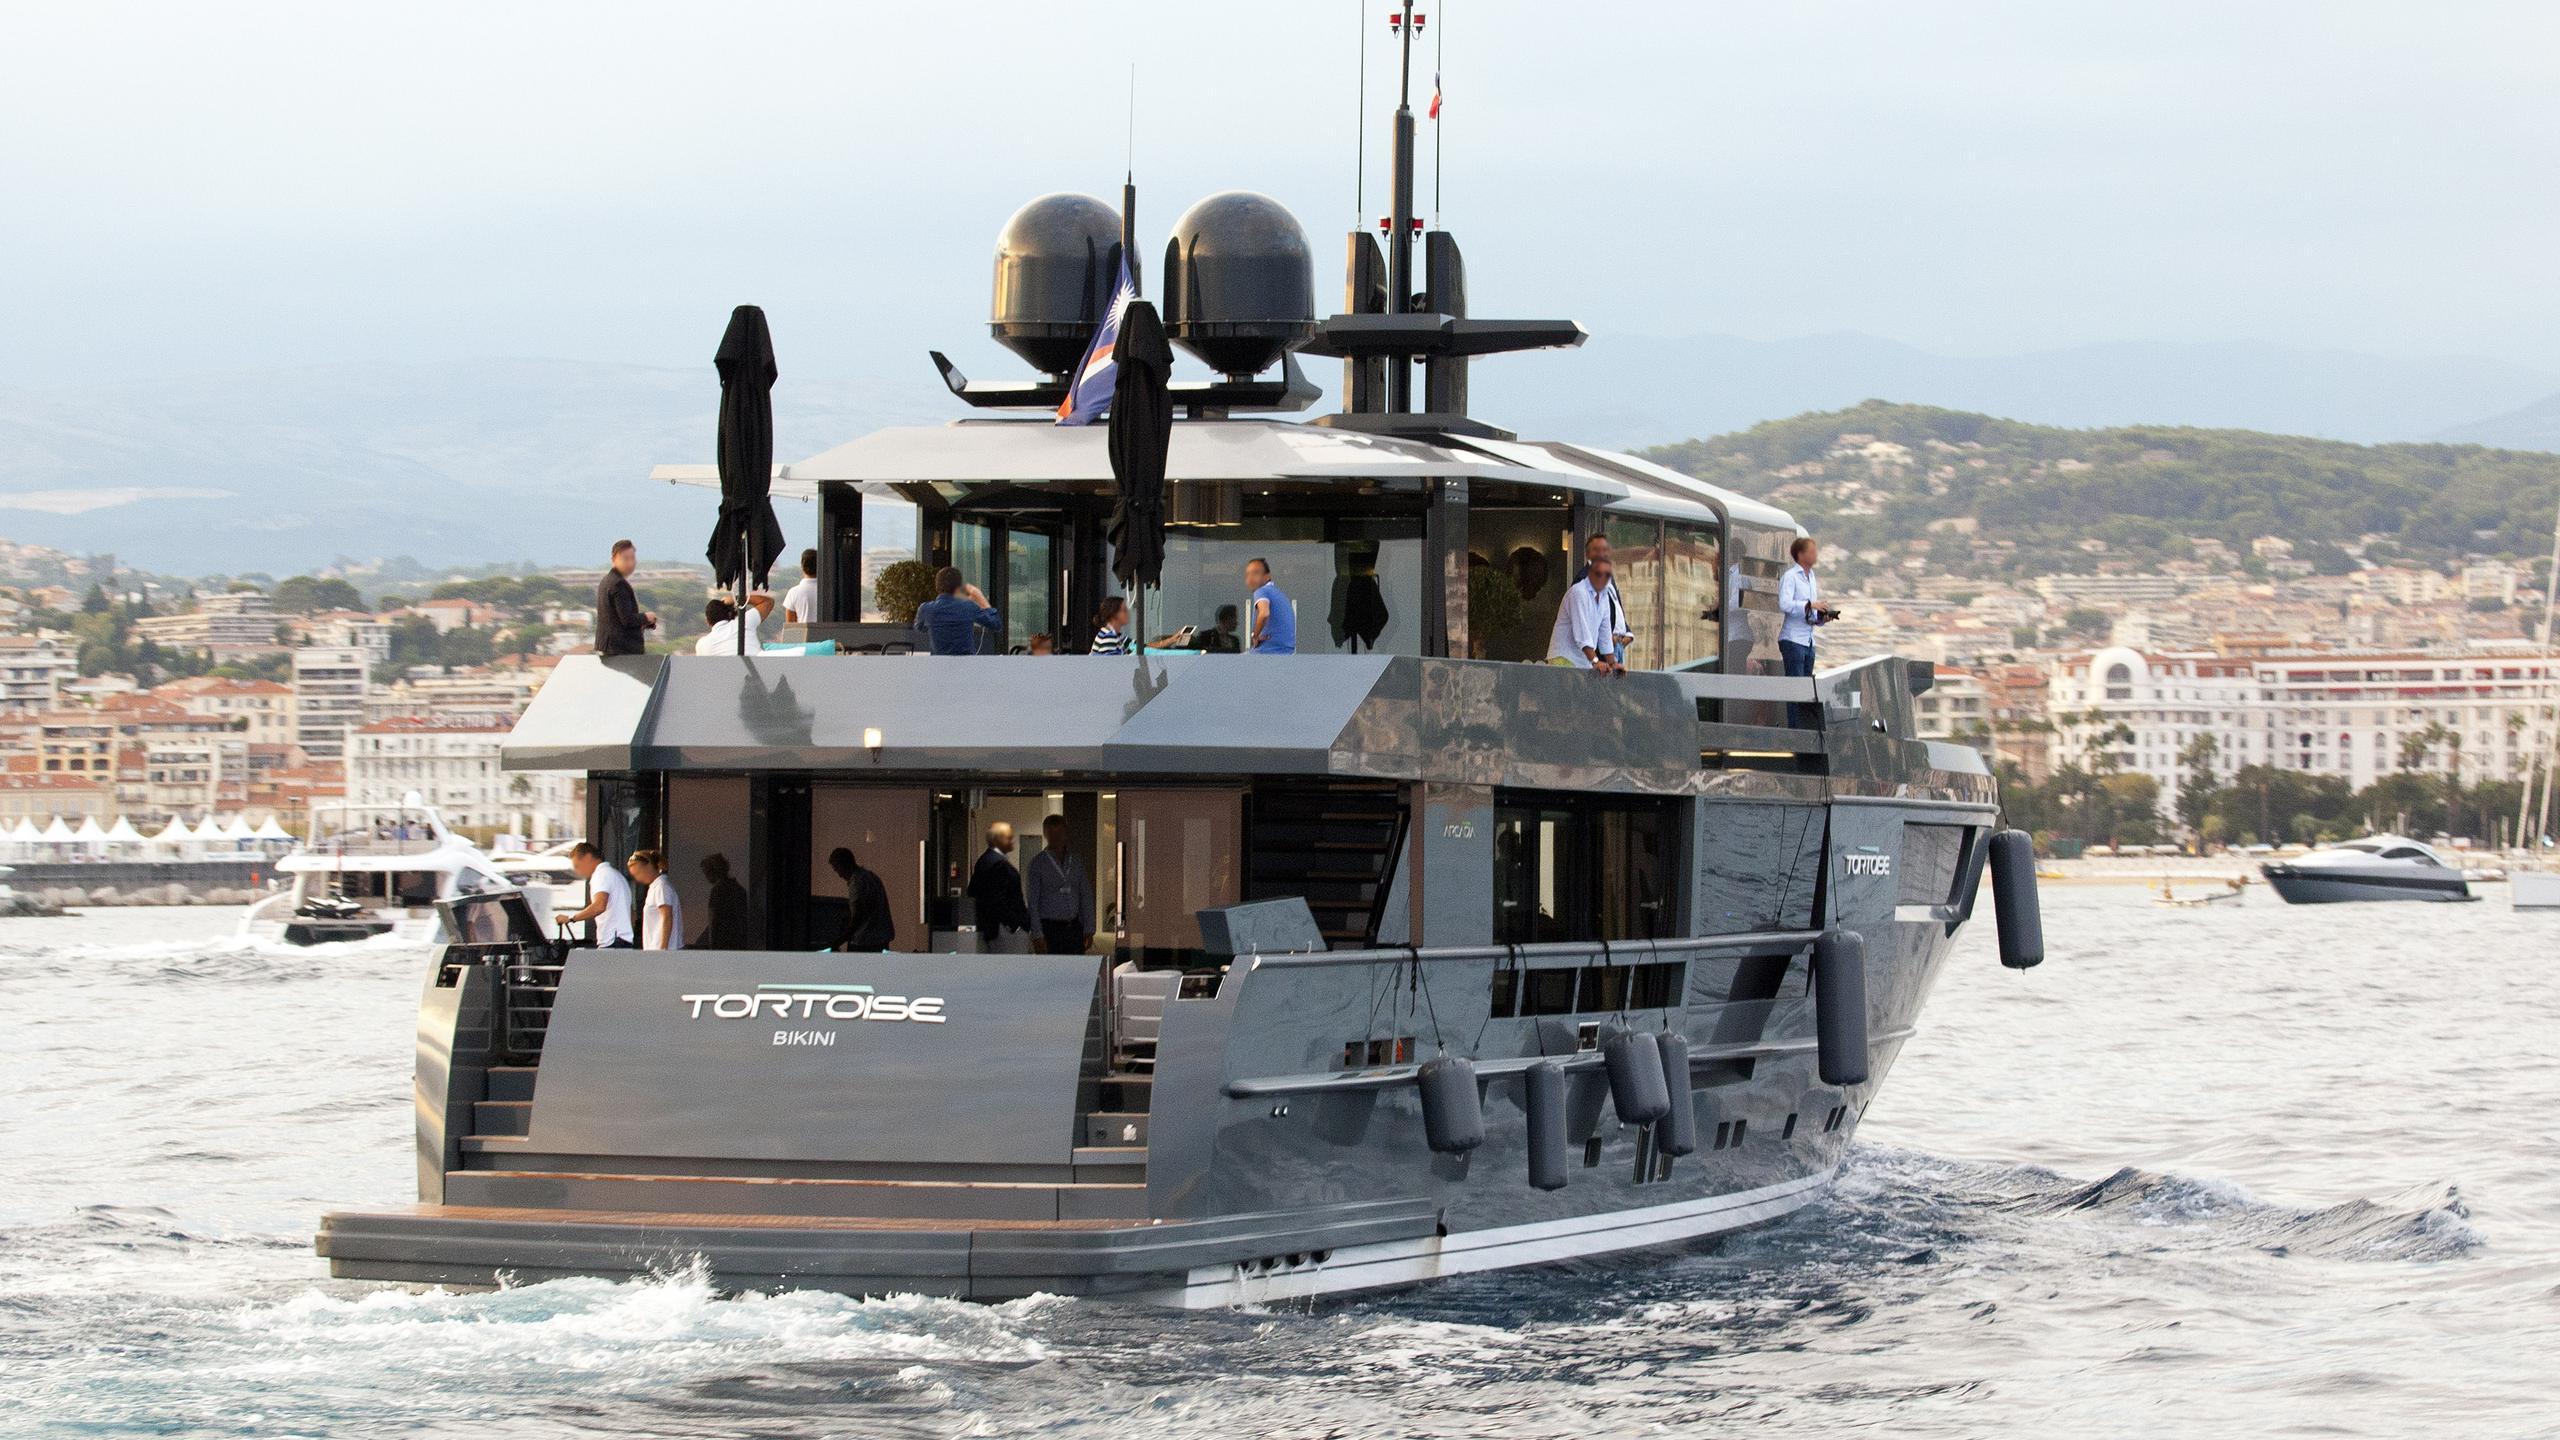 tortoise motoryacht arcadia yachts 115 2015 35m half stern